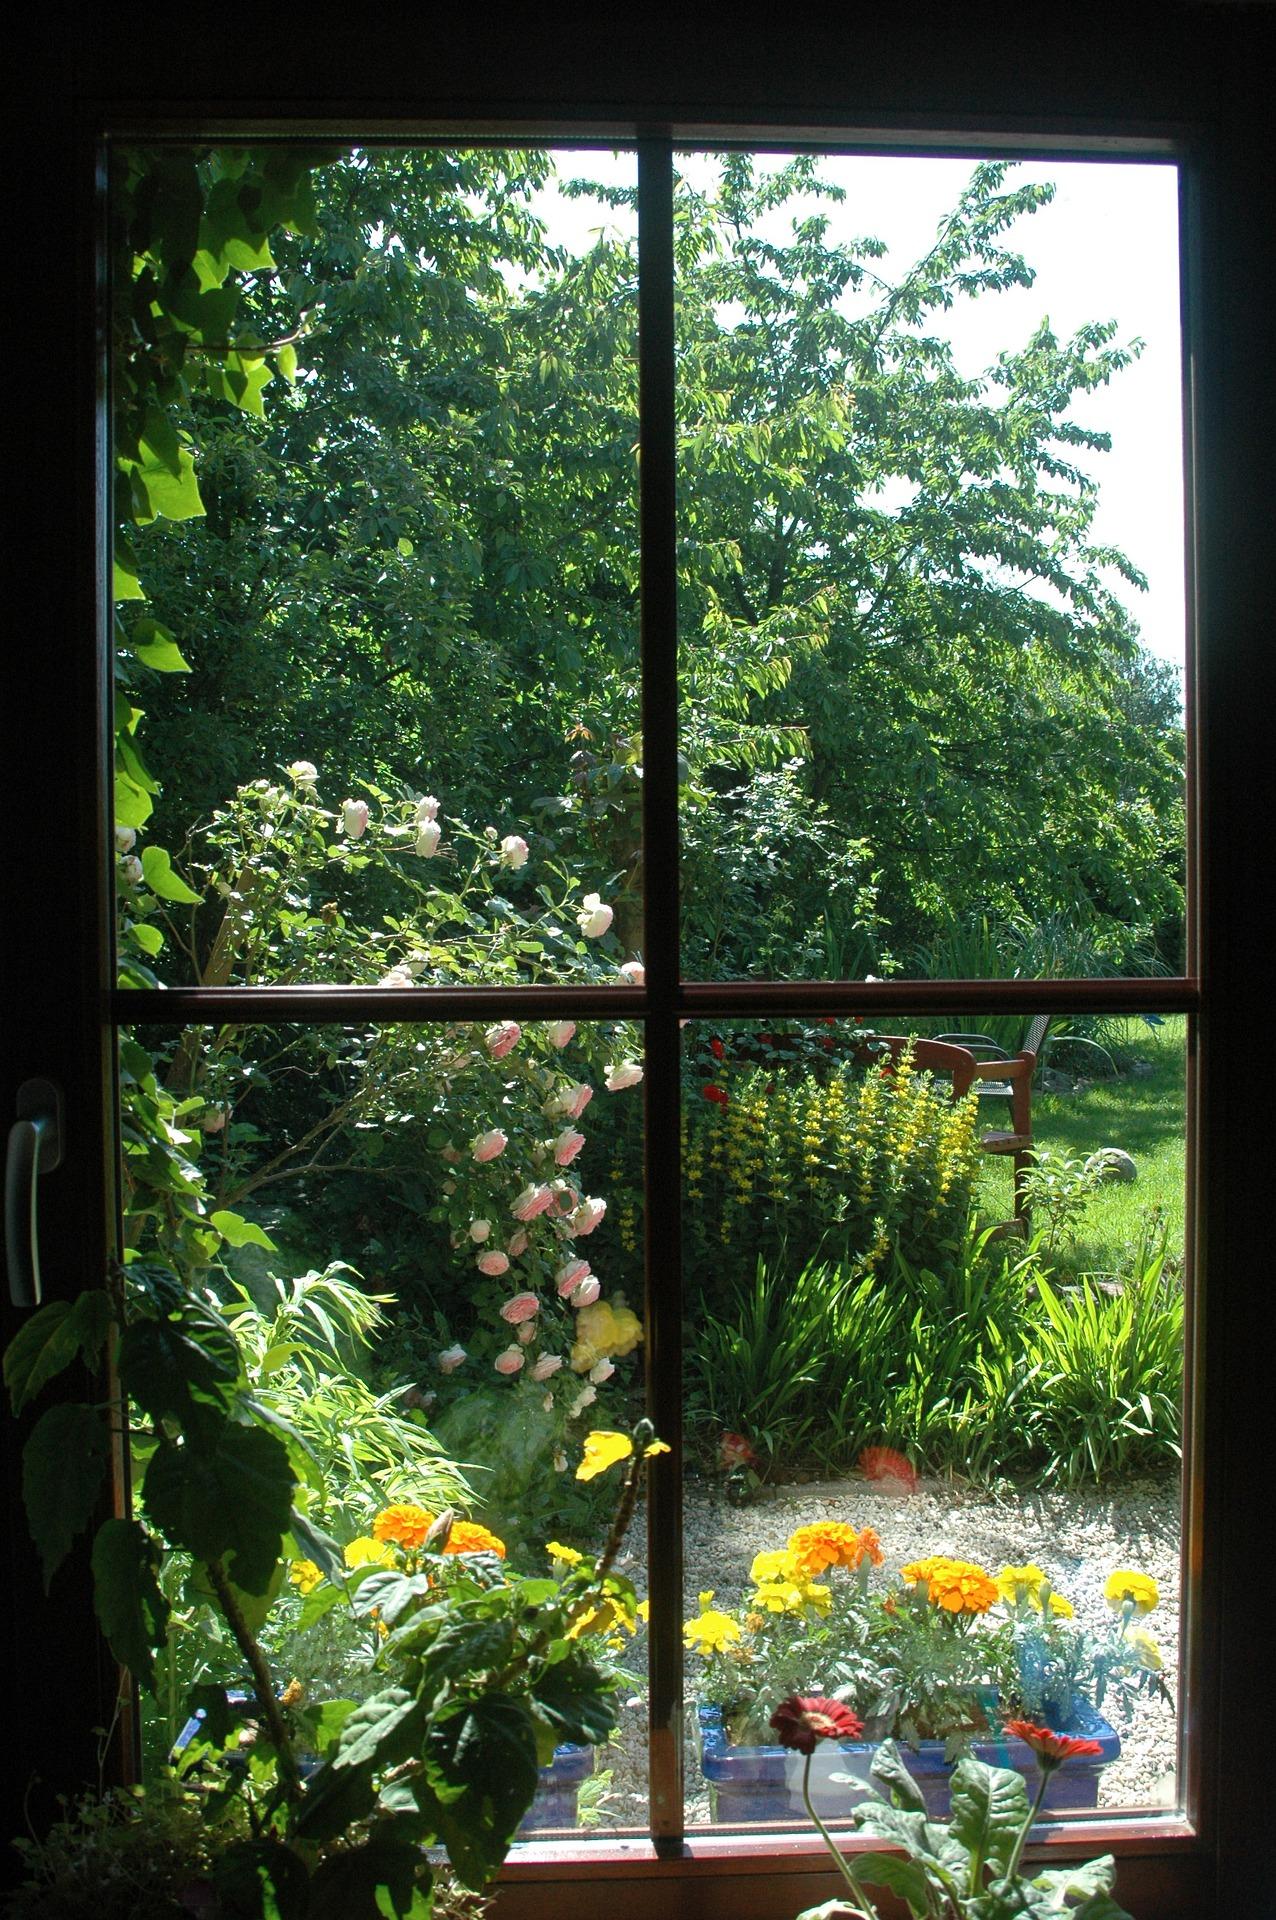 garden-2261847_1920.jpg